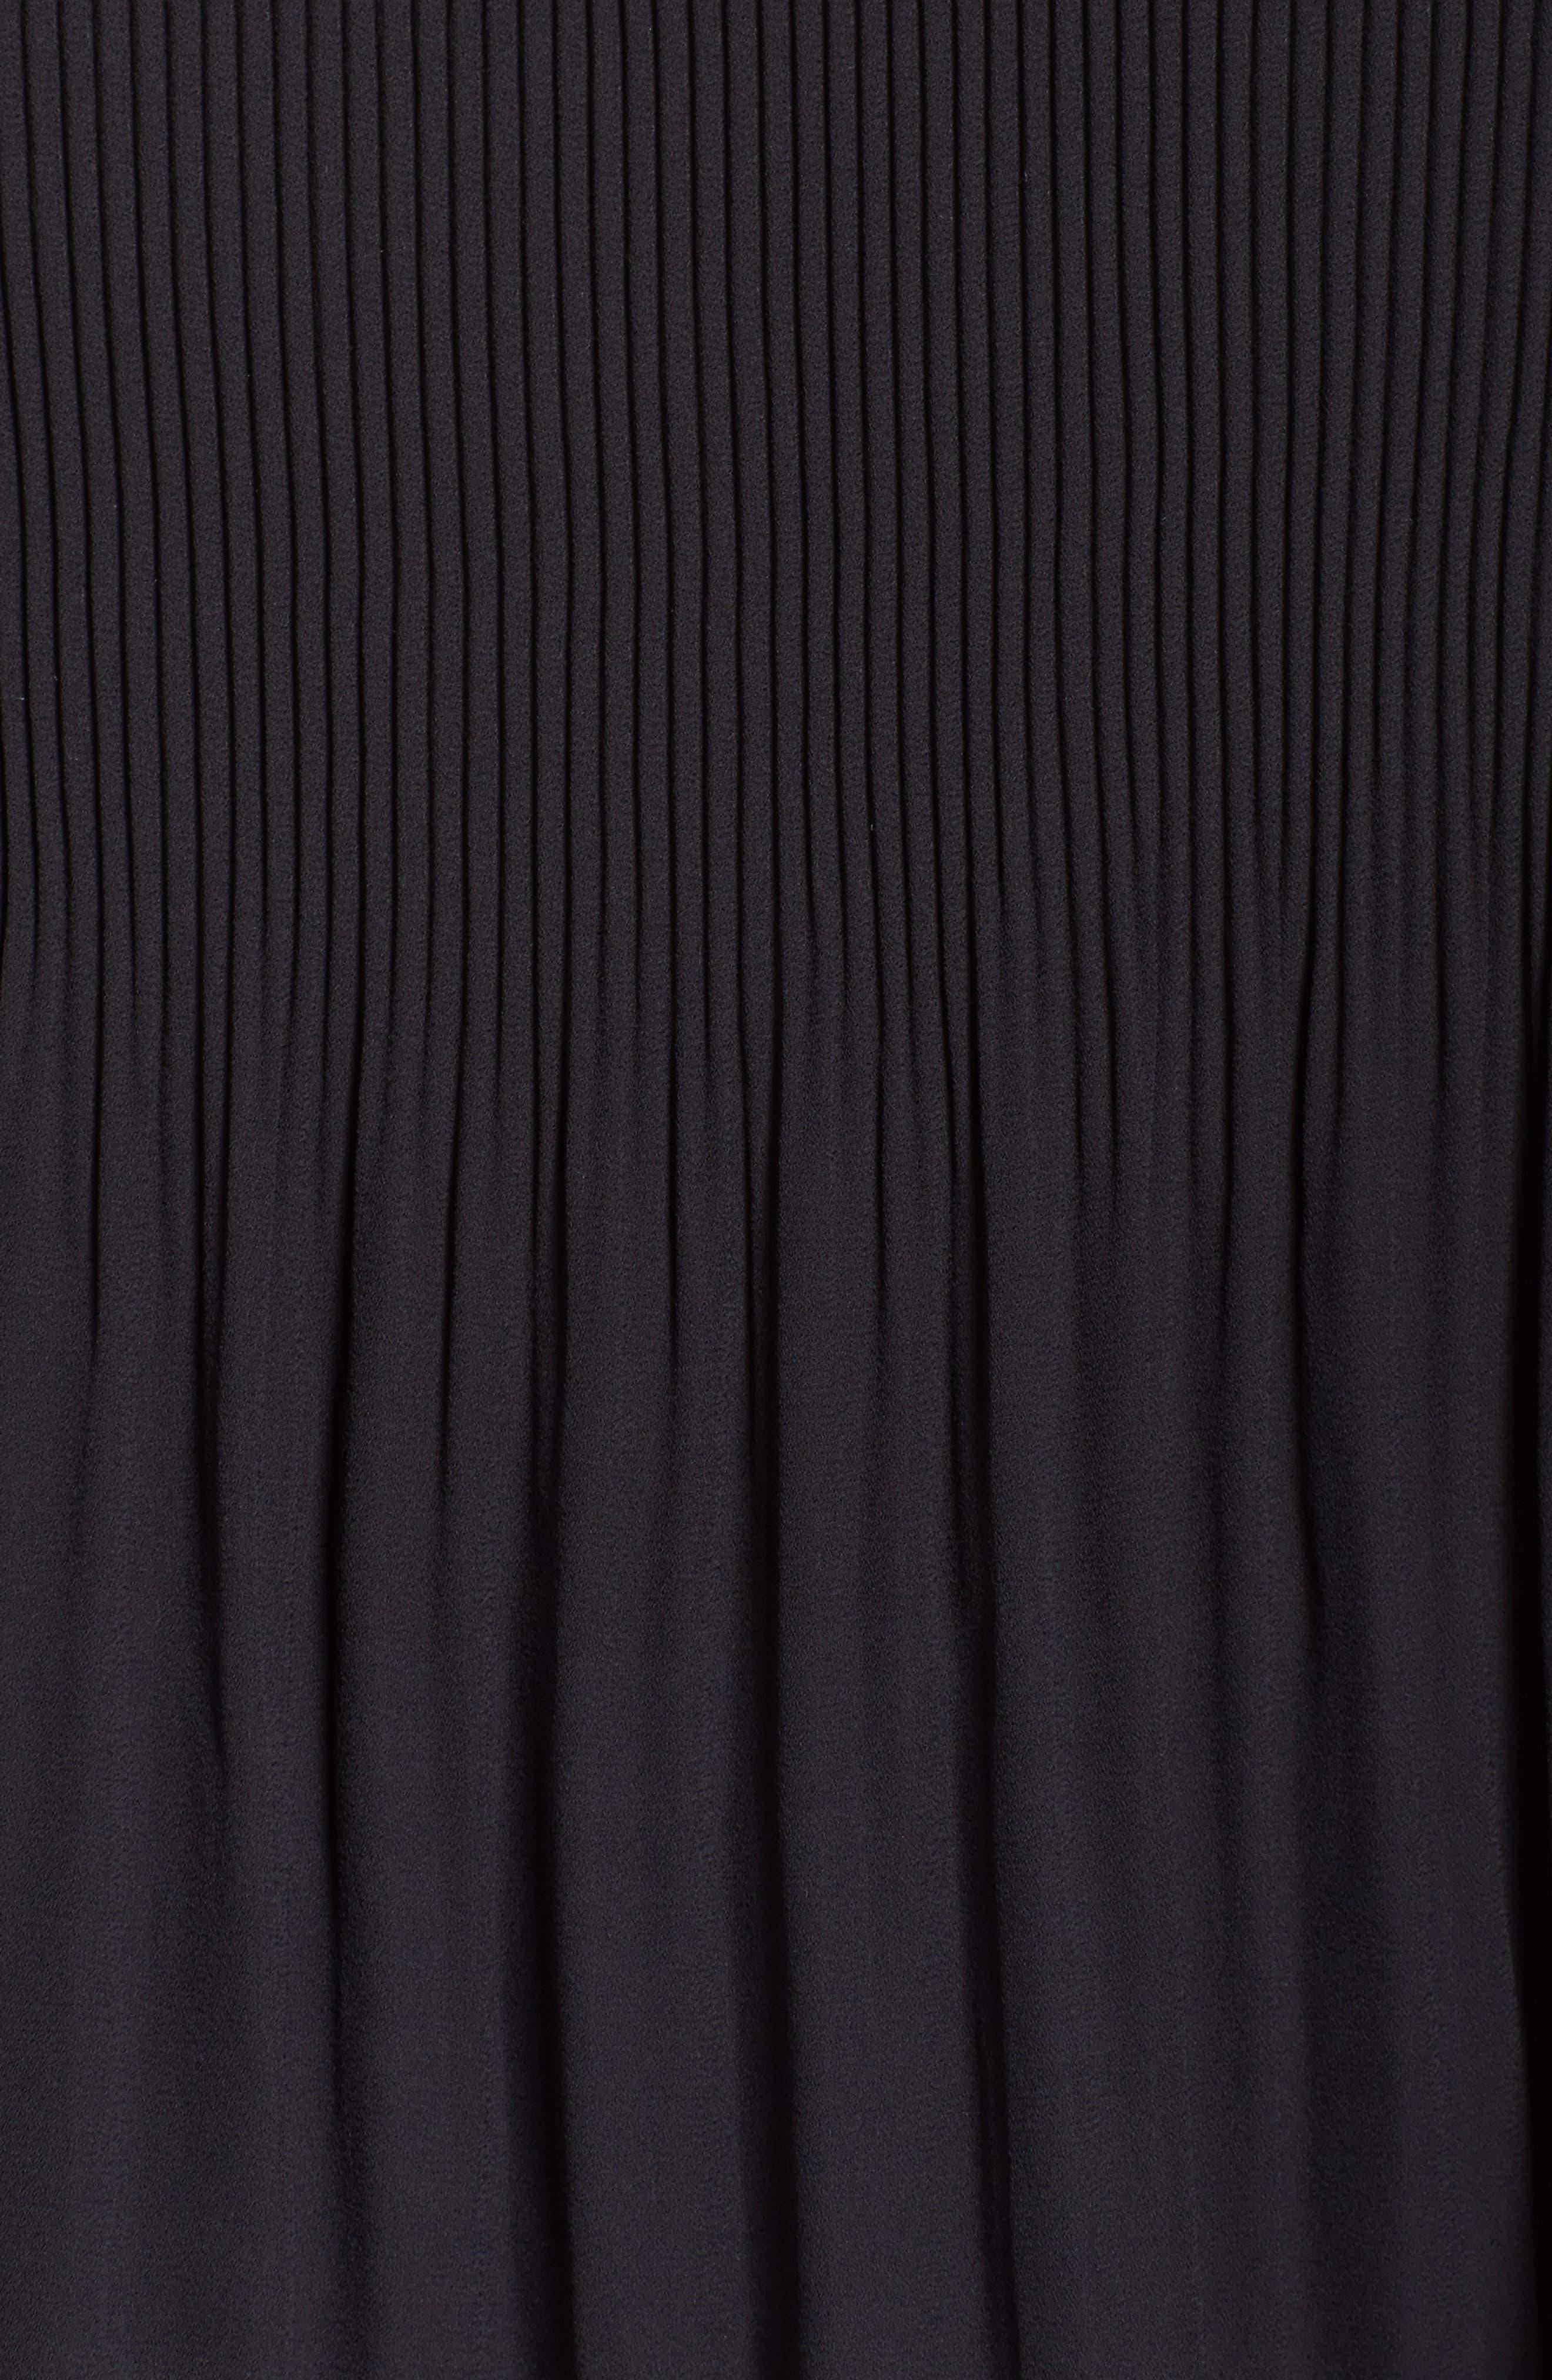 Pleat Off the Shoulder Blouse,                             Alternate thumbnail 5, color,                             001